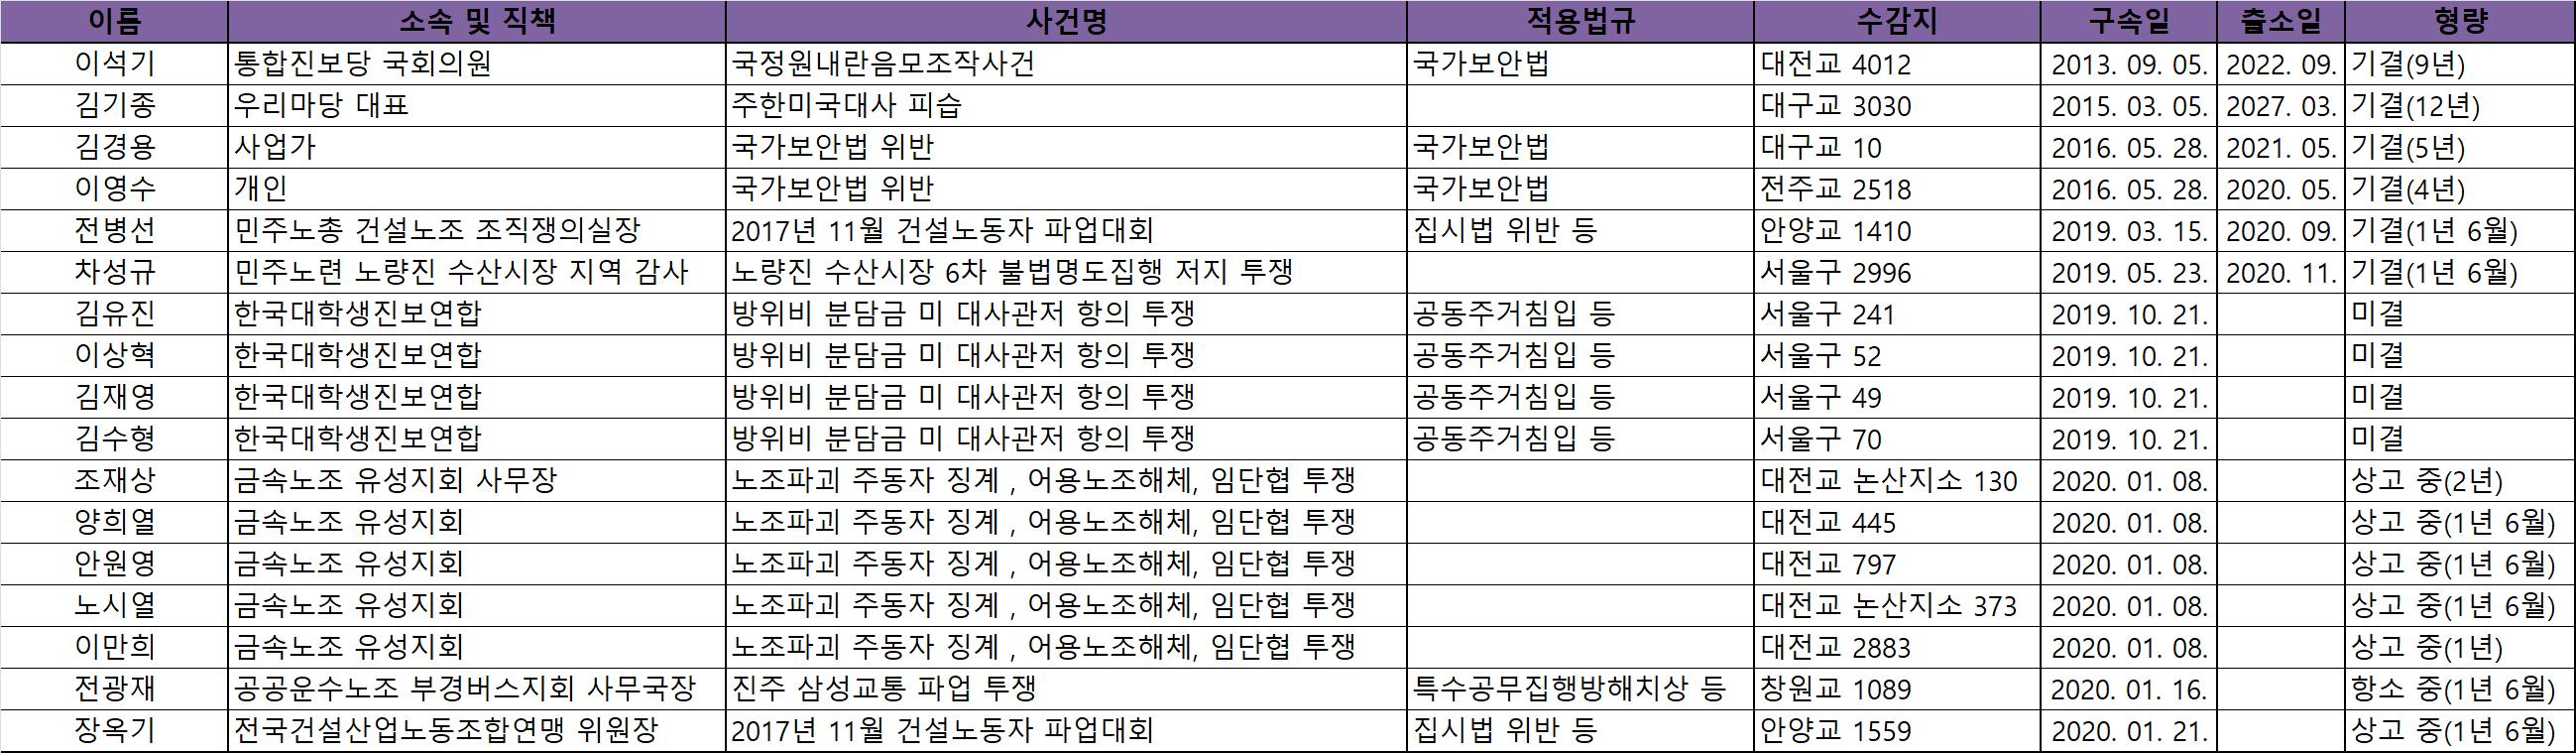 양심수 현황(2월).png